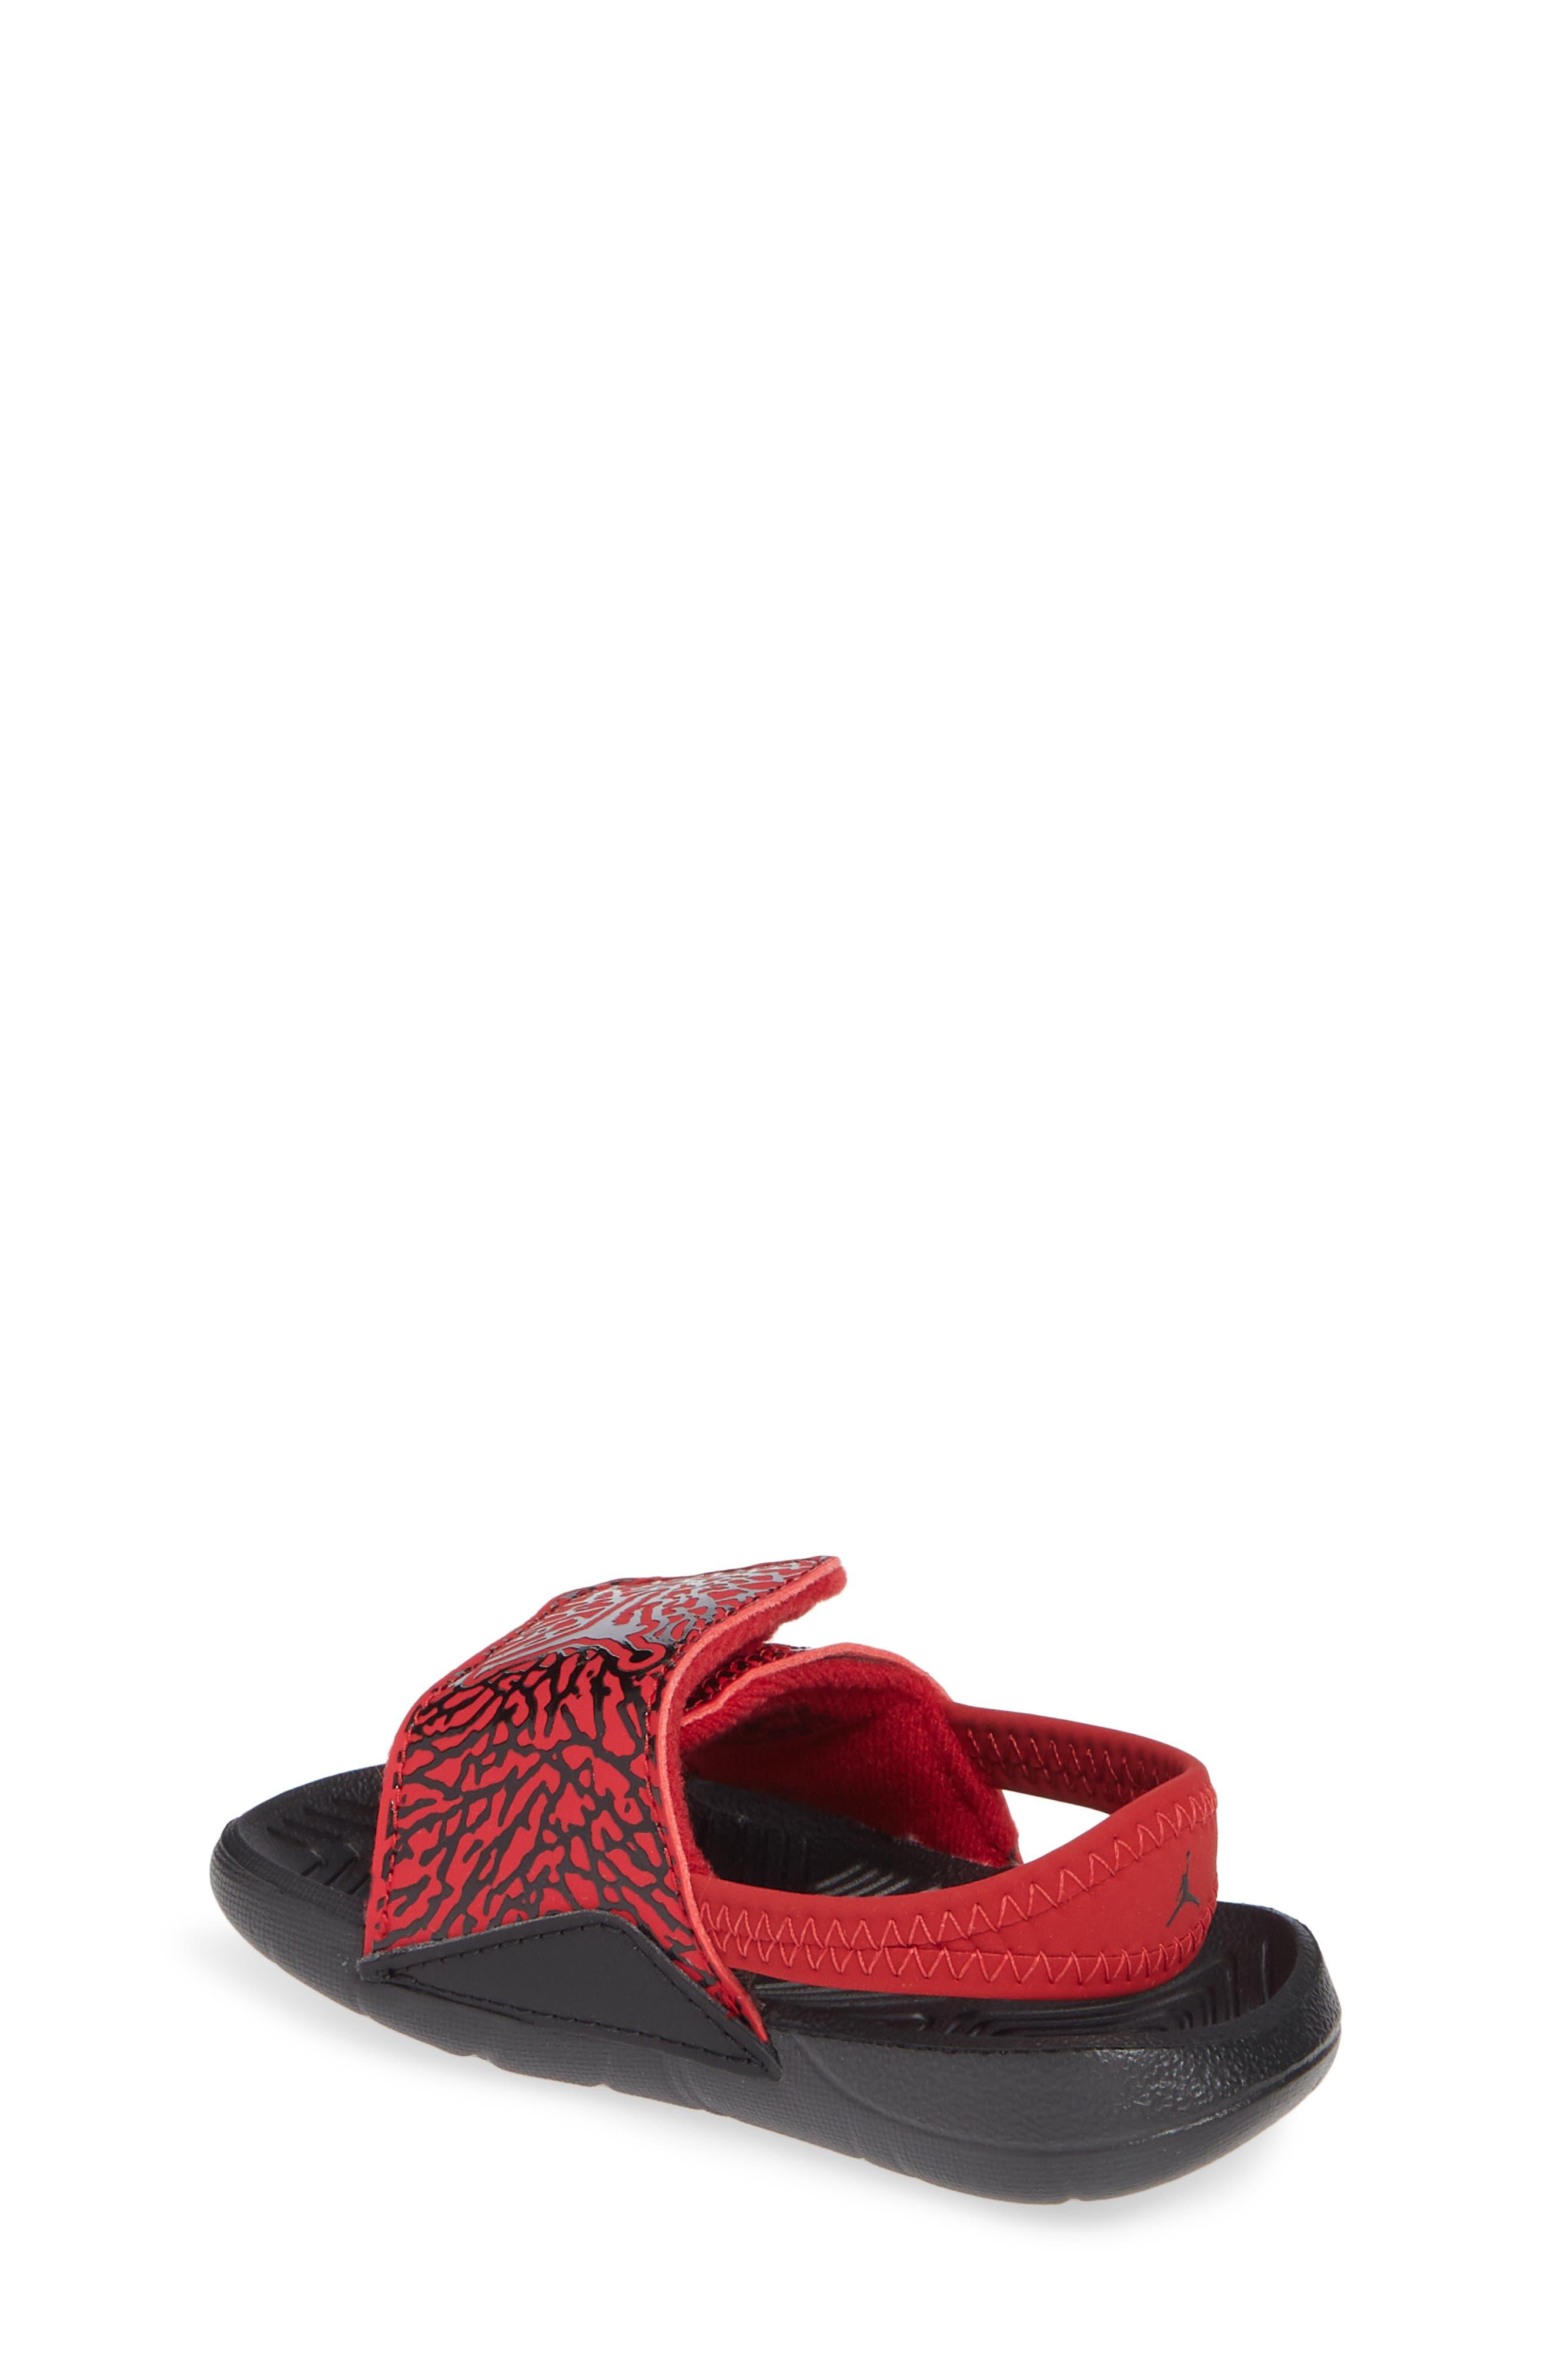 Hydro 7 V2 Sandal,                             Alternate thumbnail 2, color,                             GYM RED/ BLACK 2